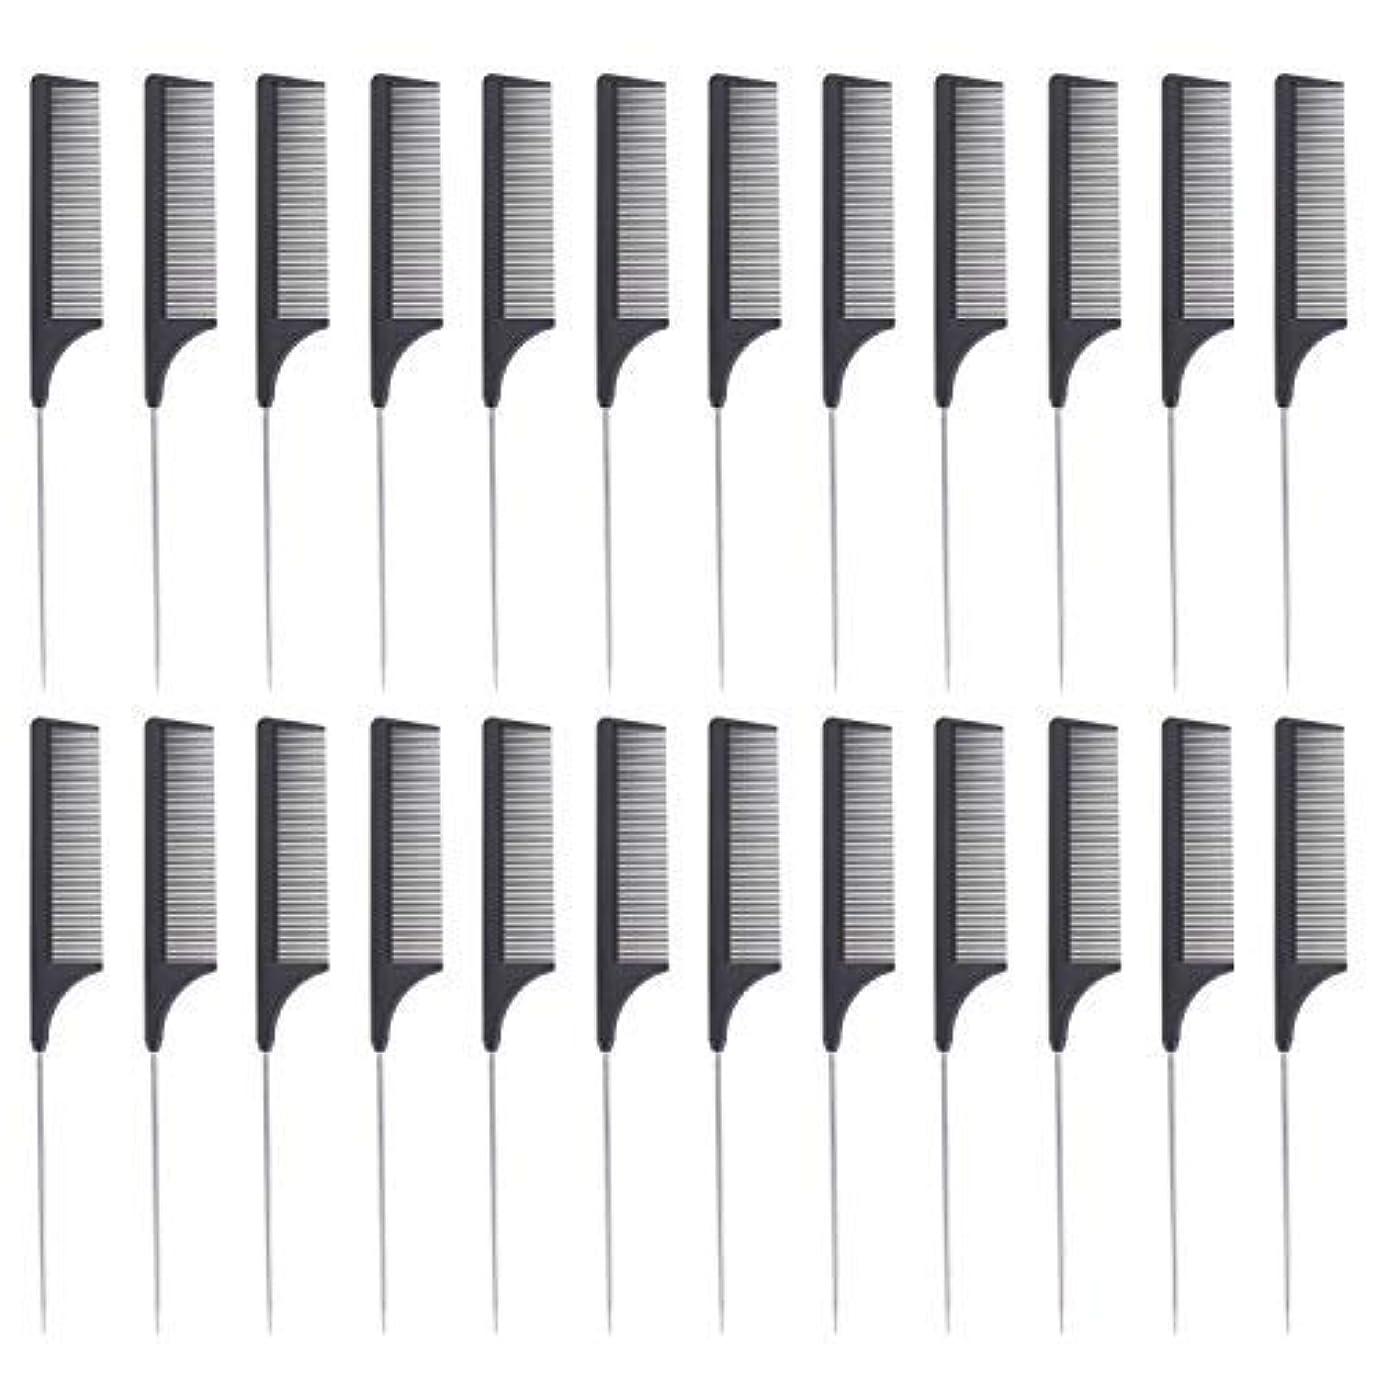 非アクティブトースト正しい24 Pieces Comb Black Tail Styling Comb Chemical Heat Resistant Teasing Comb Carbon Fiber Hair Styling Combs for Women Men Hair Types Styles [並行輸入品]